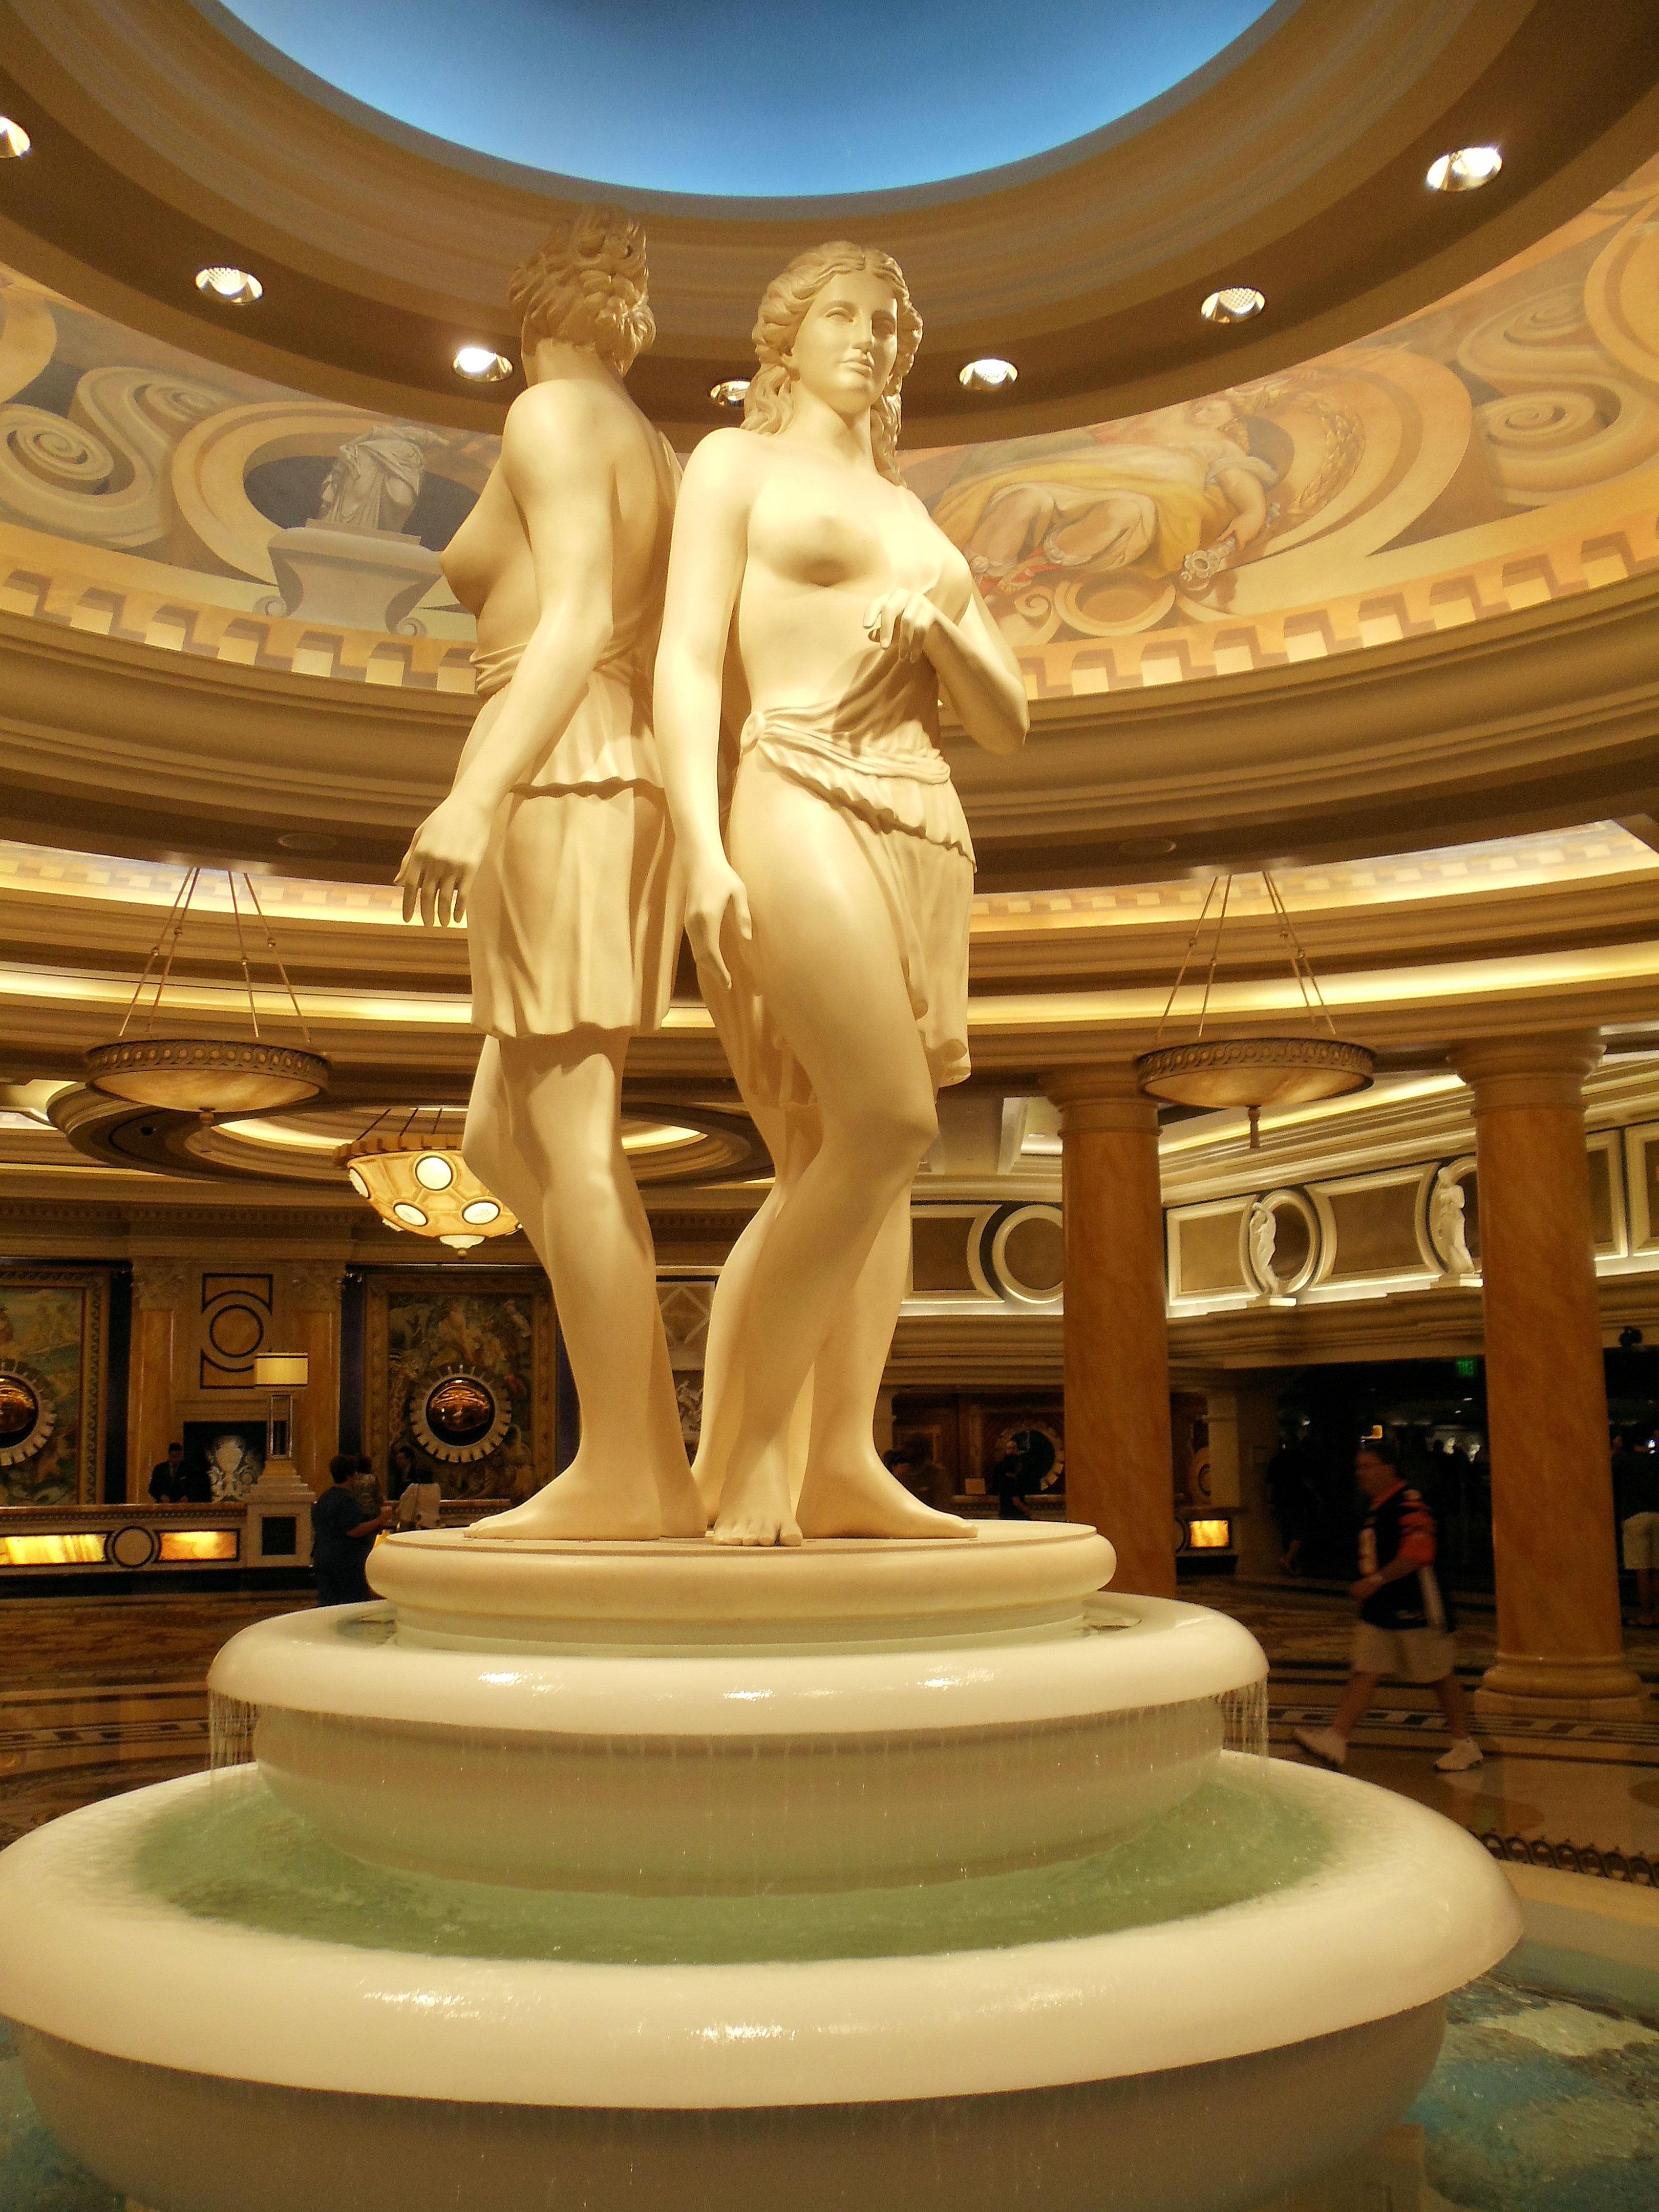 caesars palace online casino sizing hot